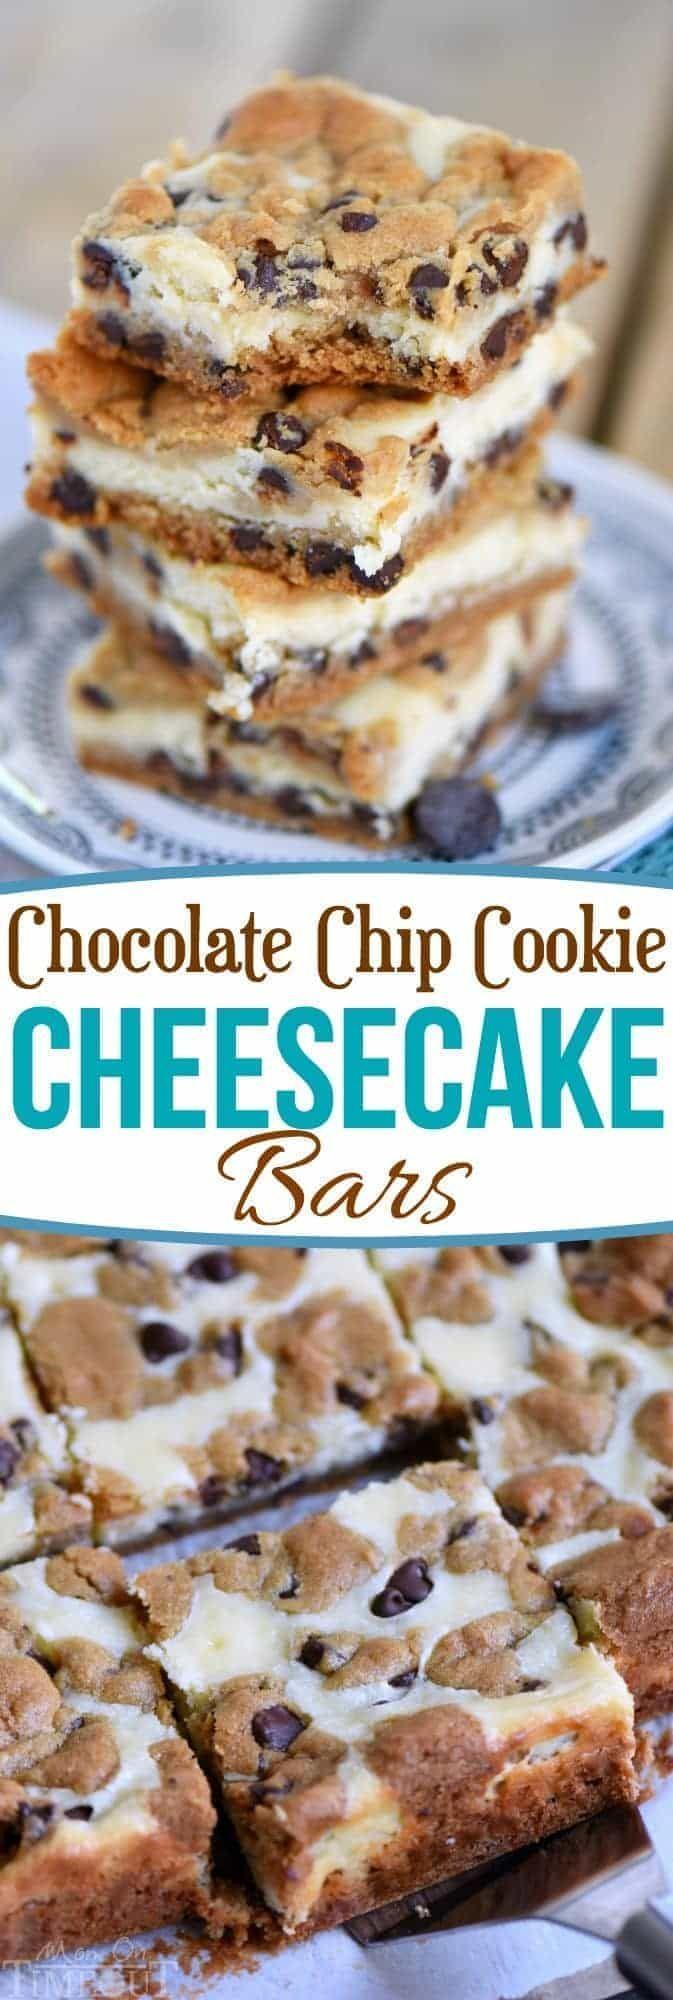 Chocolate Chip Cookie Käsekuchenriegel   Die WHOot